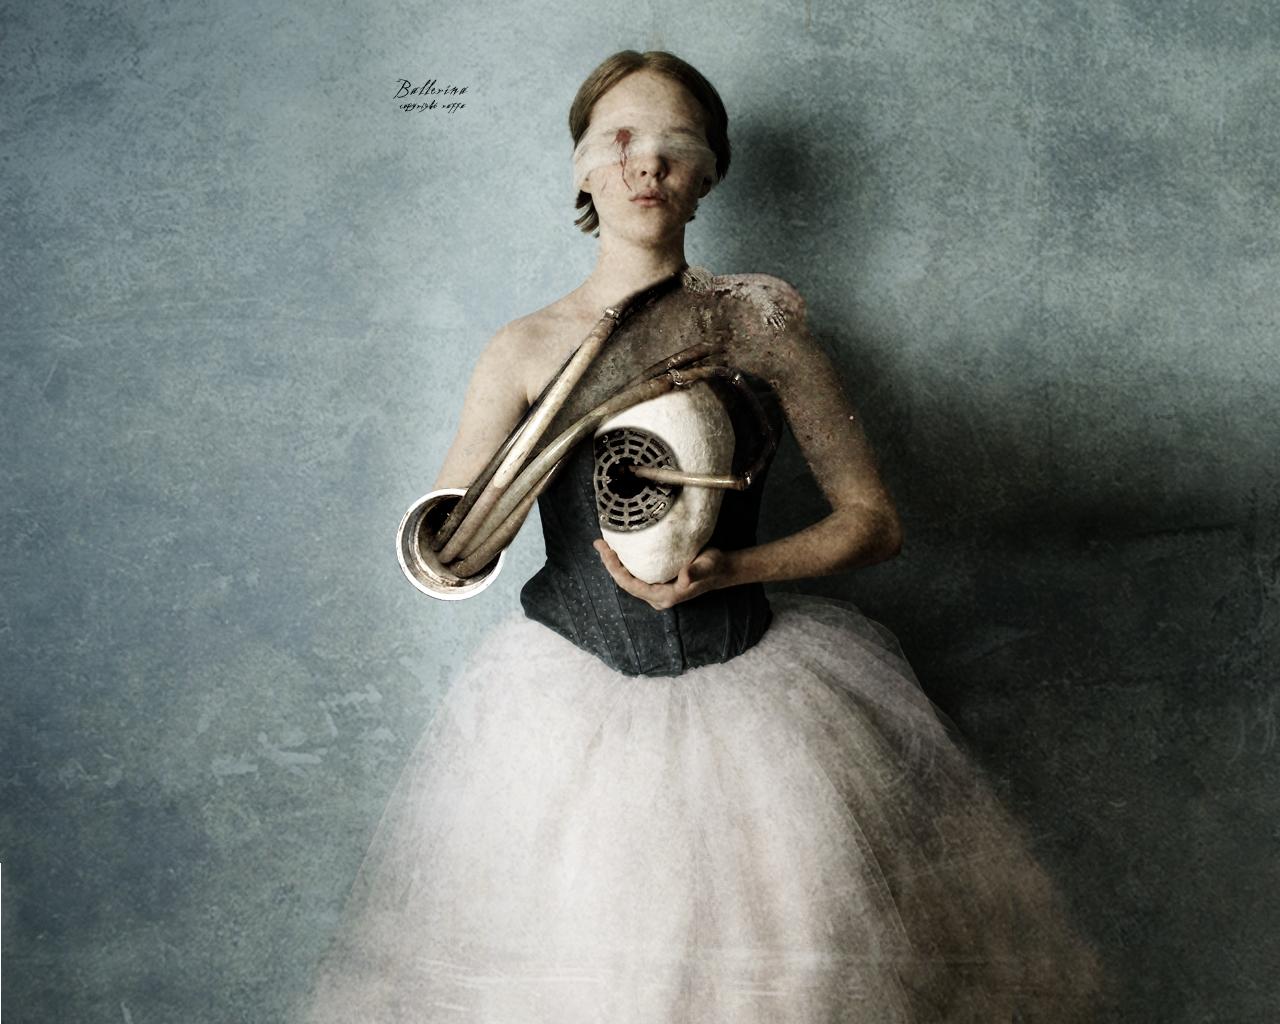 http://3.bp.blogspot.com/-xGykzd9P0bc/T6vfVgG3iNI/AAAAAAAAWb8/nszYb9YlZqo/s1600/Ballerina_Wallpaper_by_roflraffa.jpg